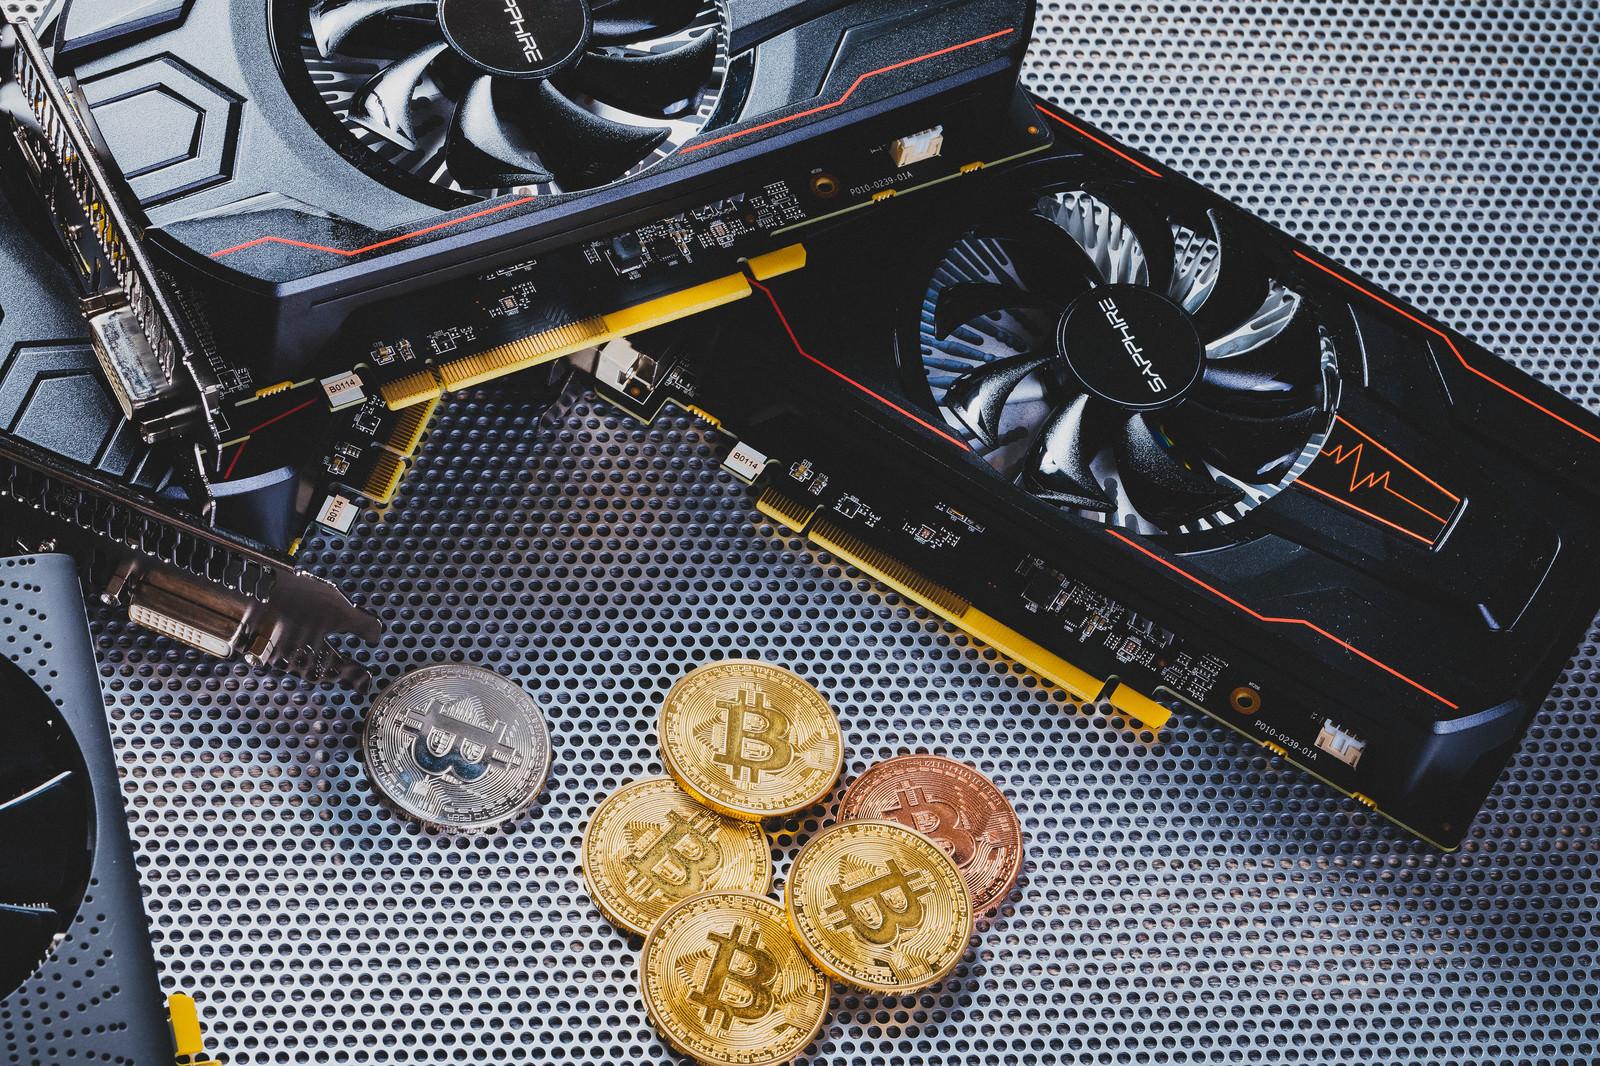 「Bitcoinと採掘して暗号資産を増やす」の写真